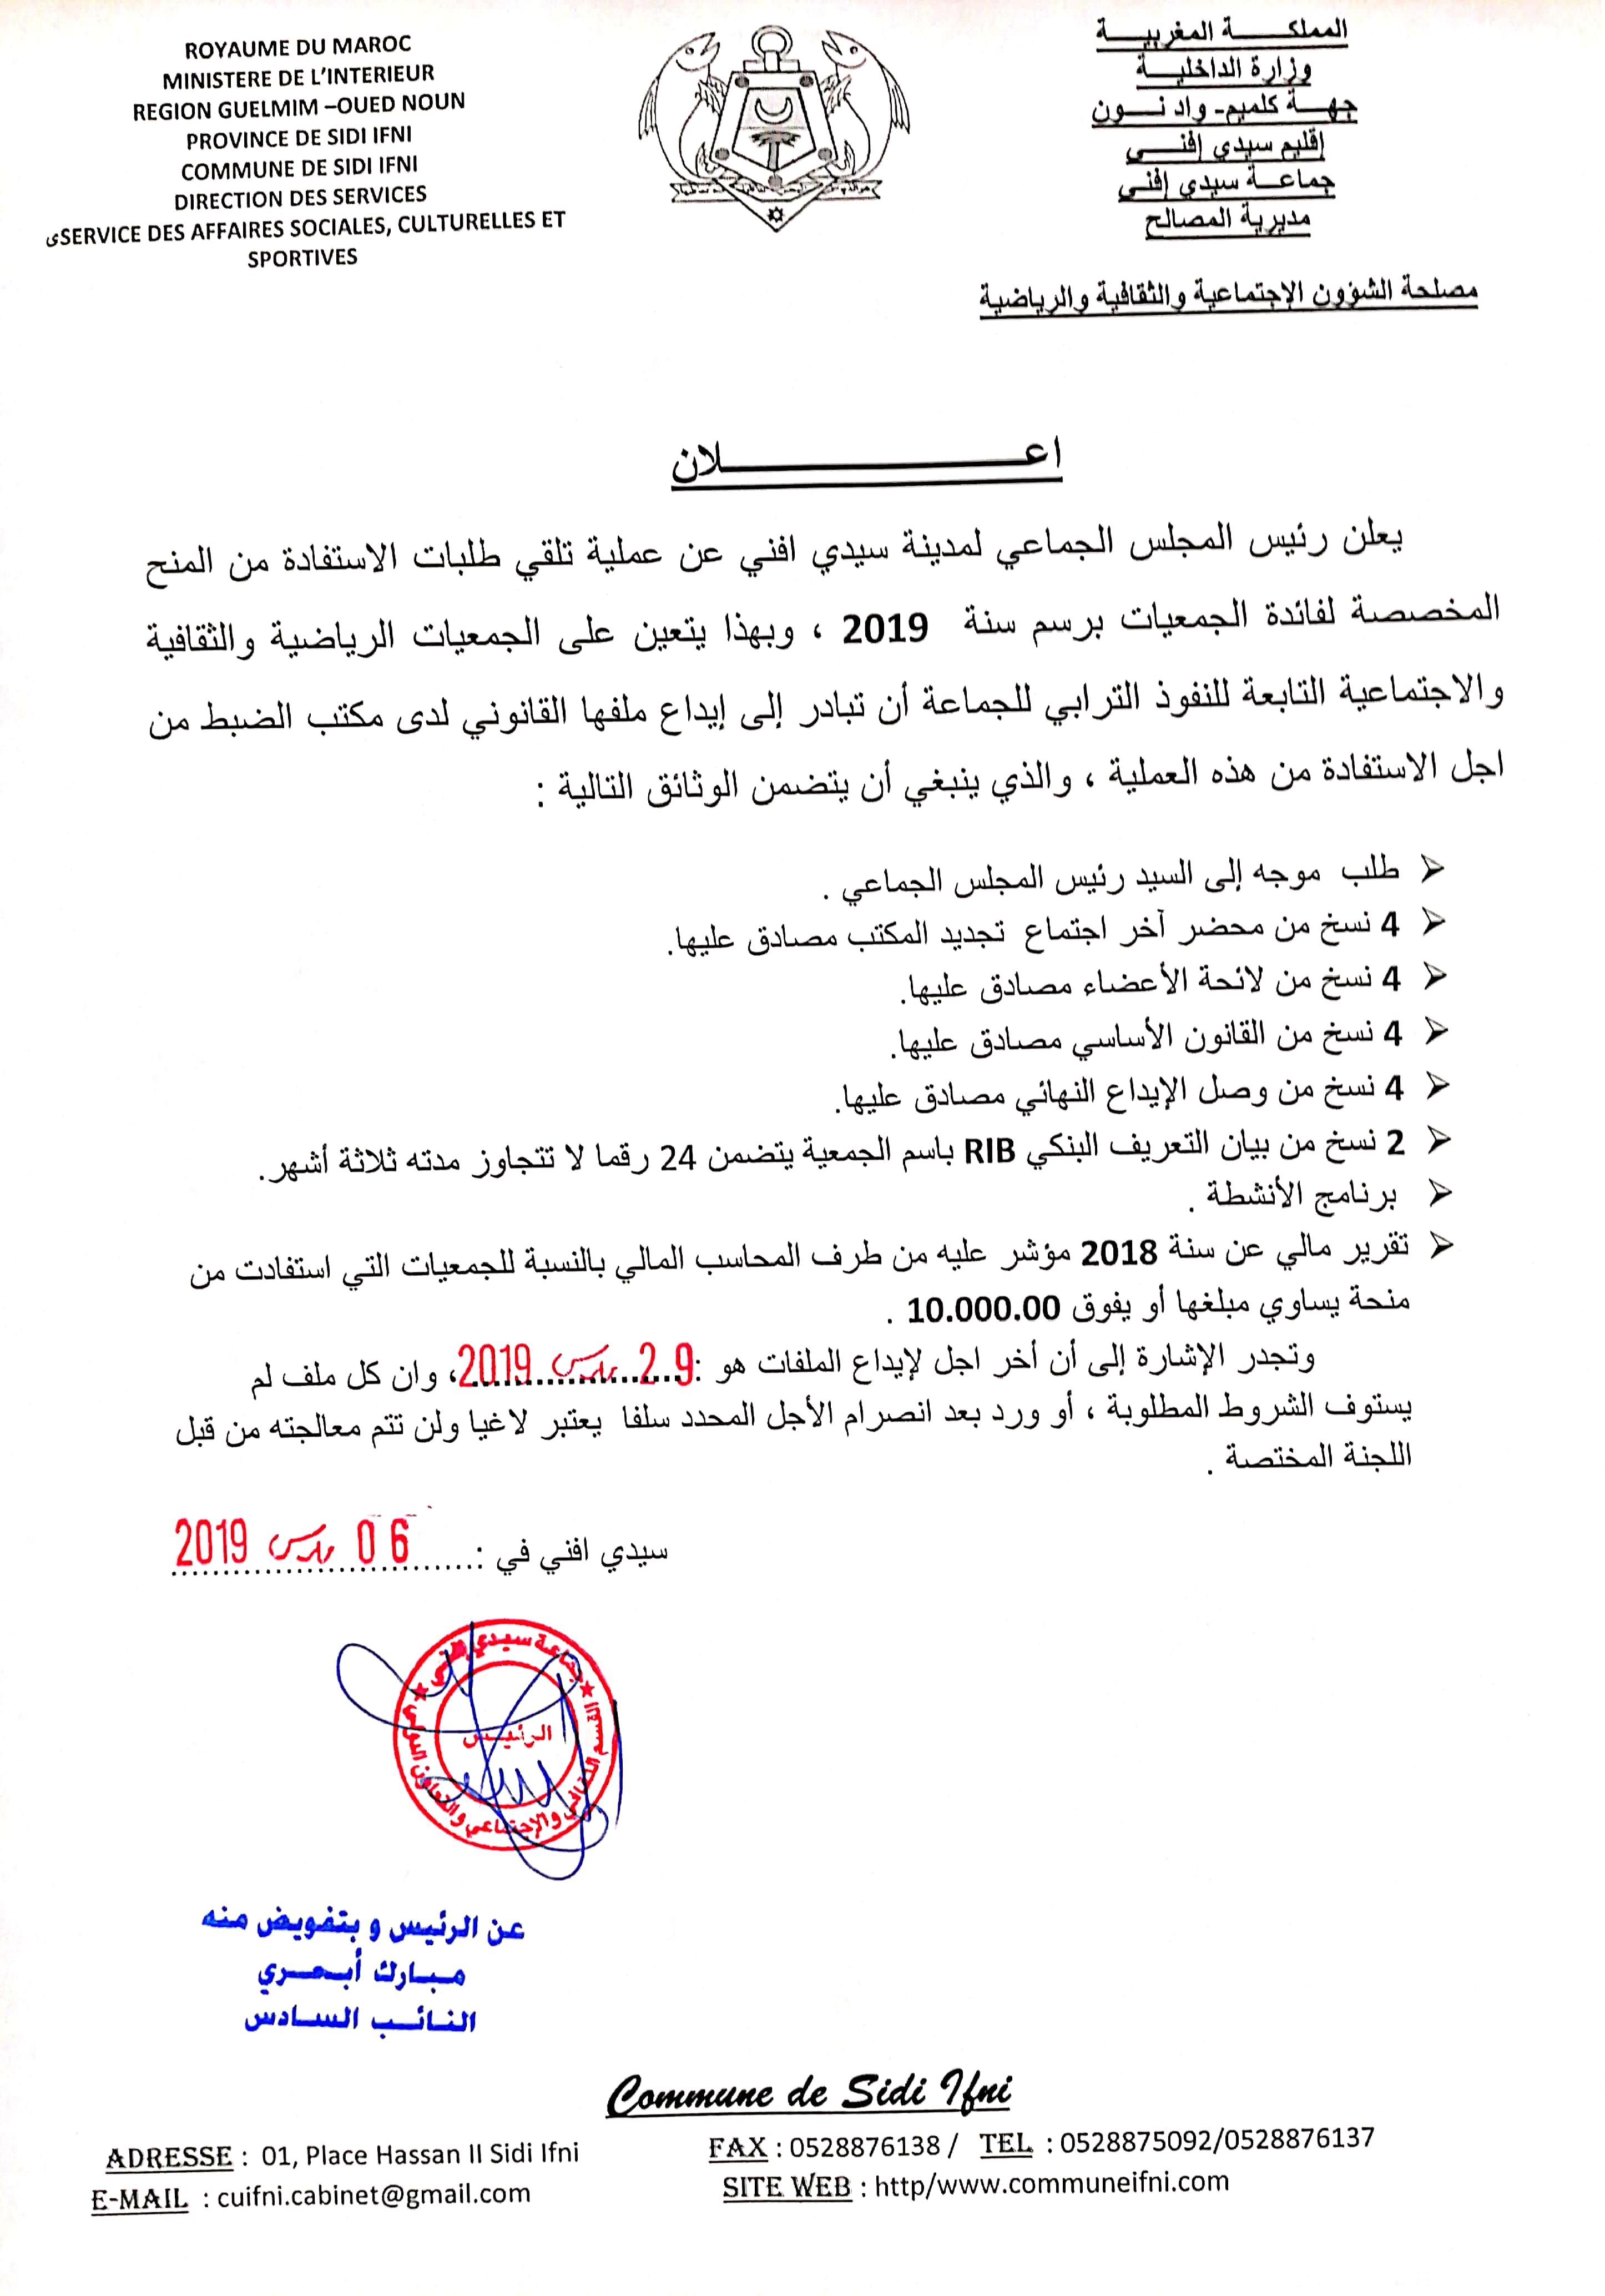 Nouveau document 2019-03-06 12.05.15